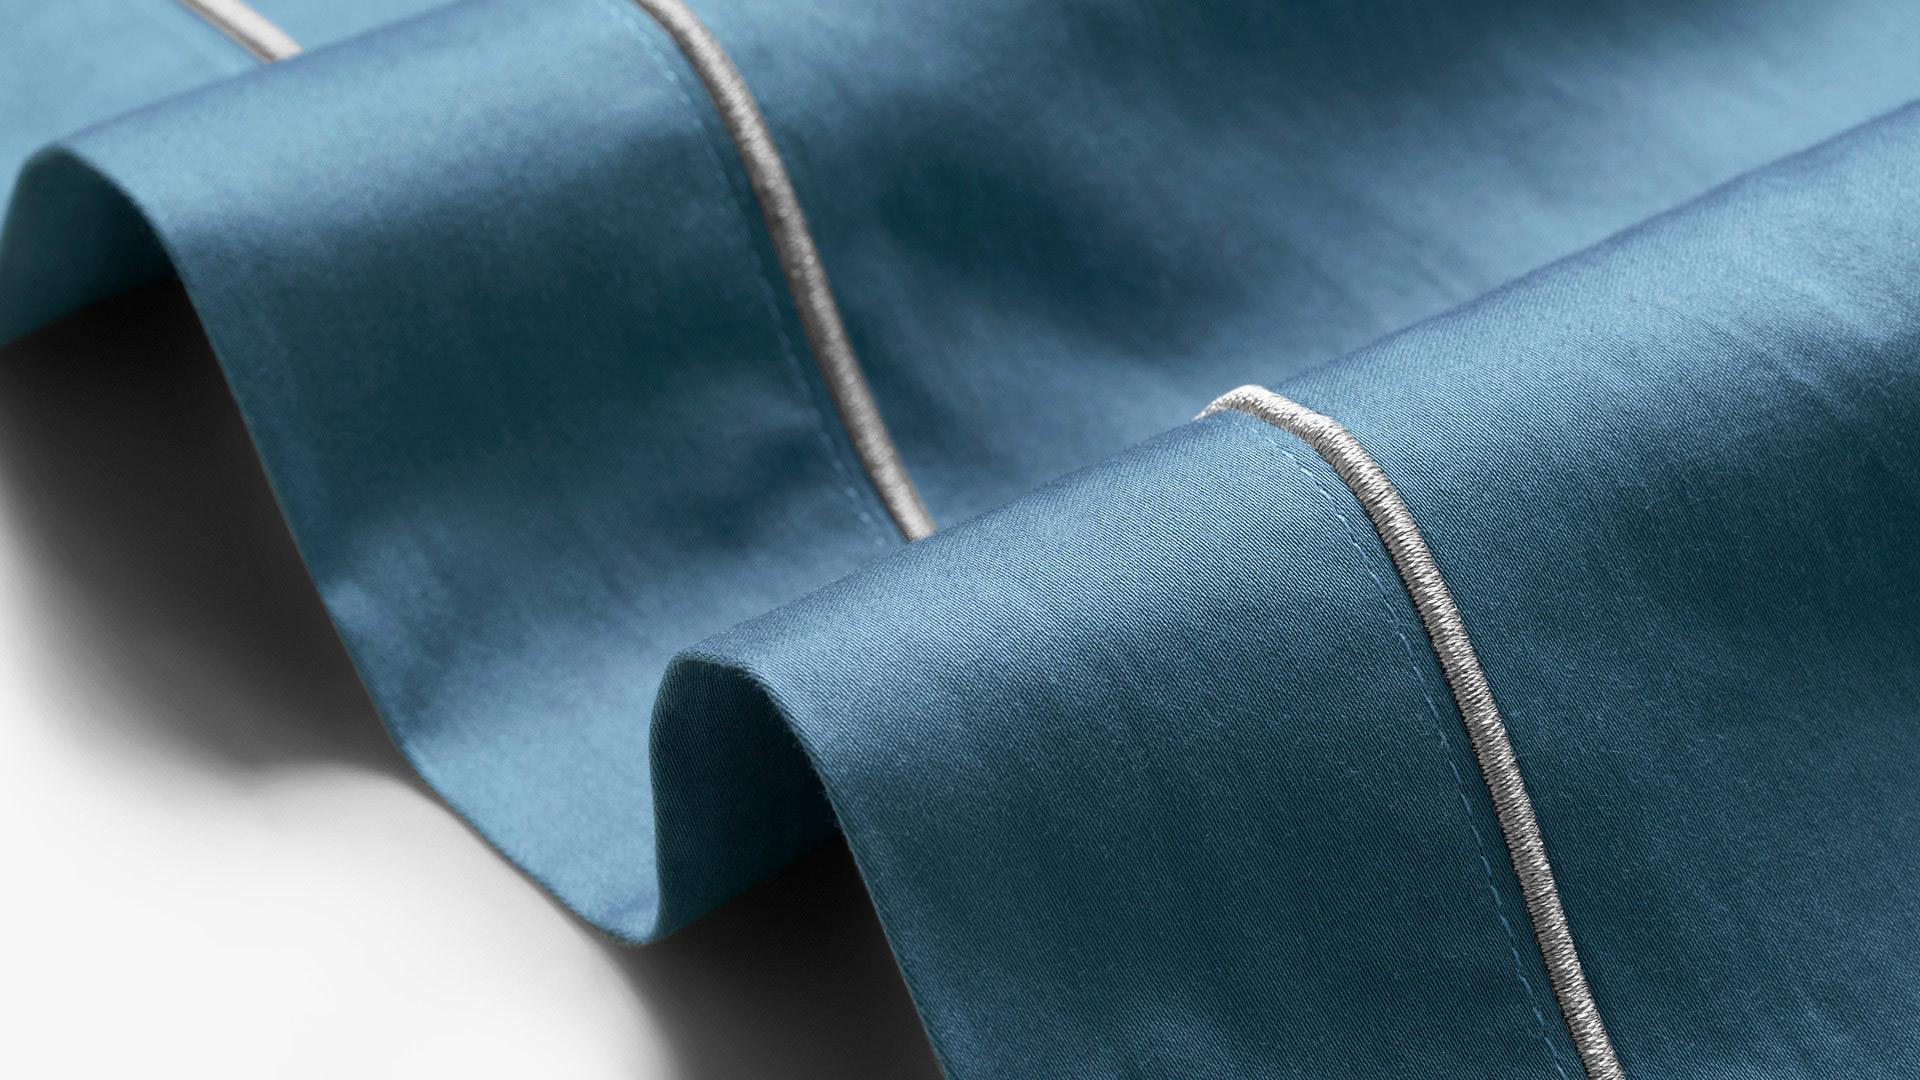 缎纹纺织,轻抚丝滑质感